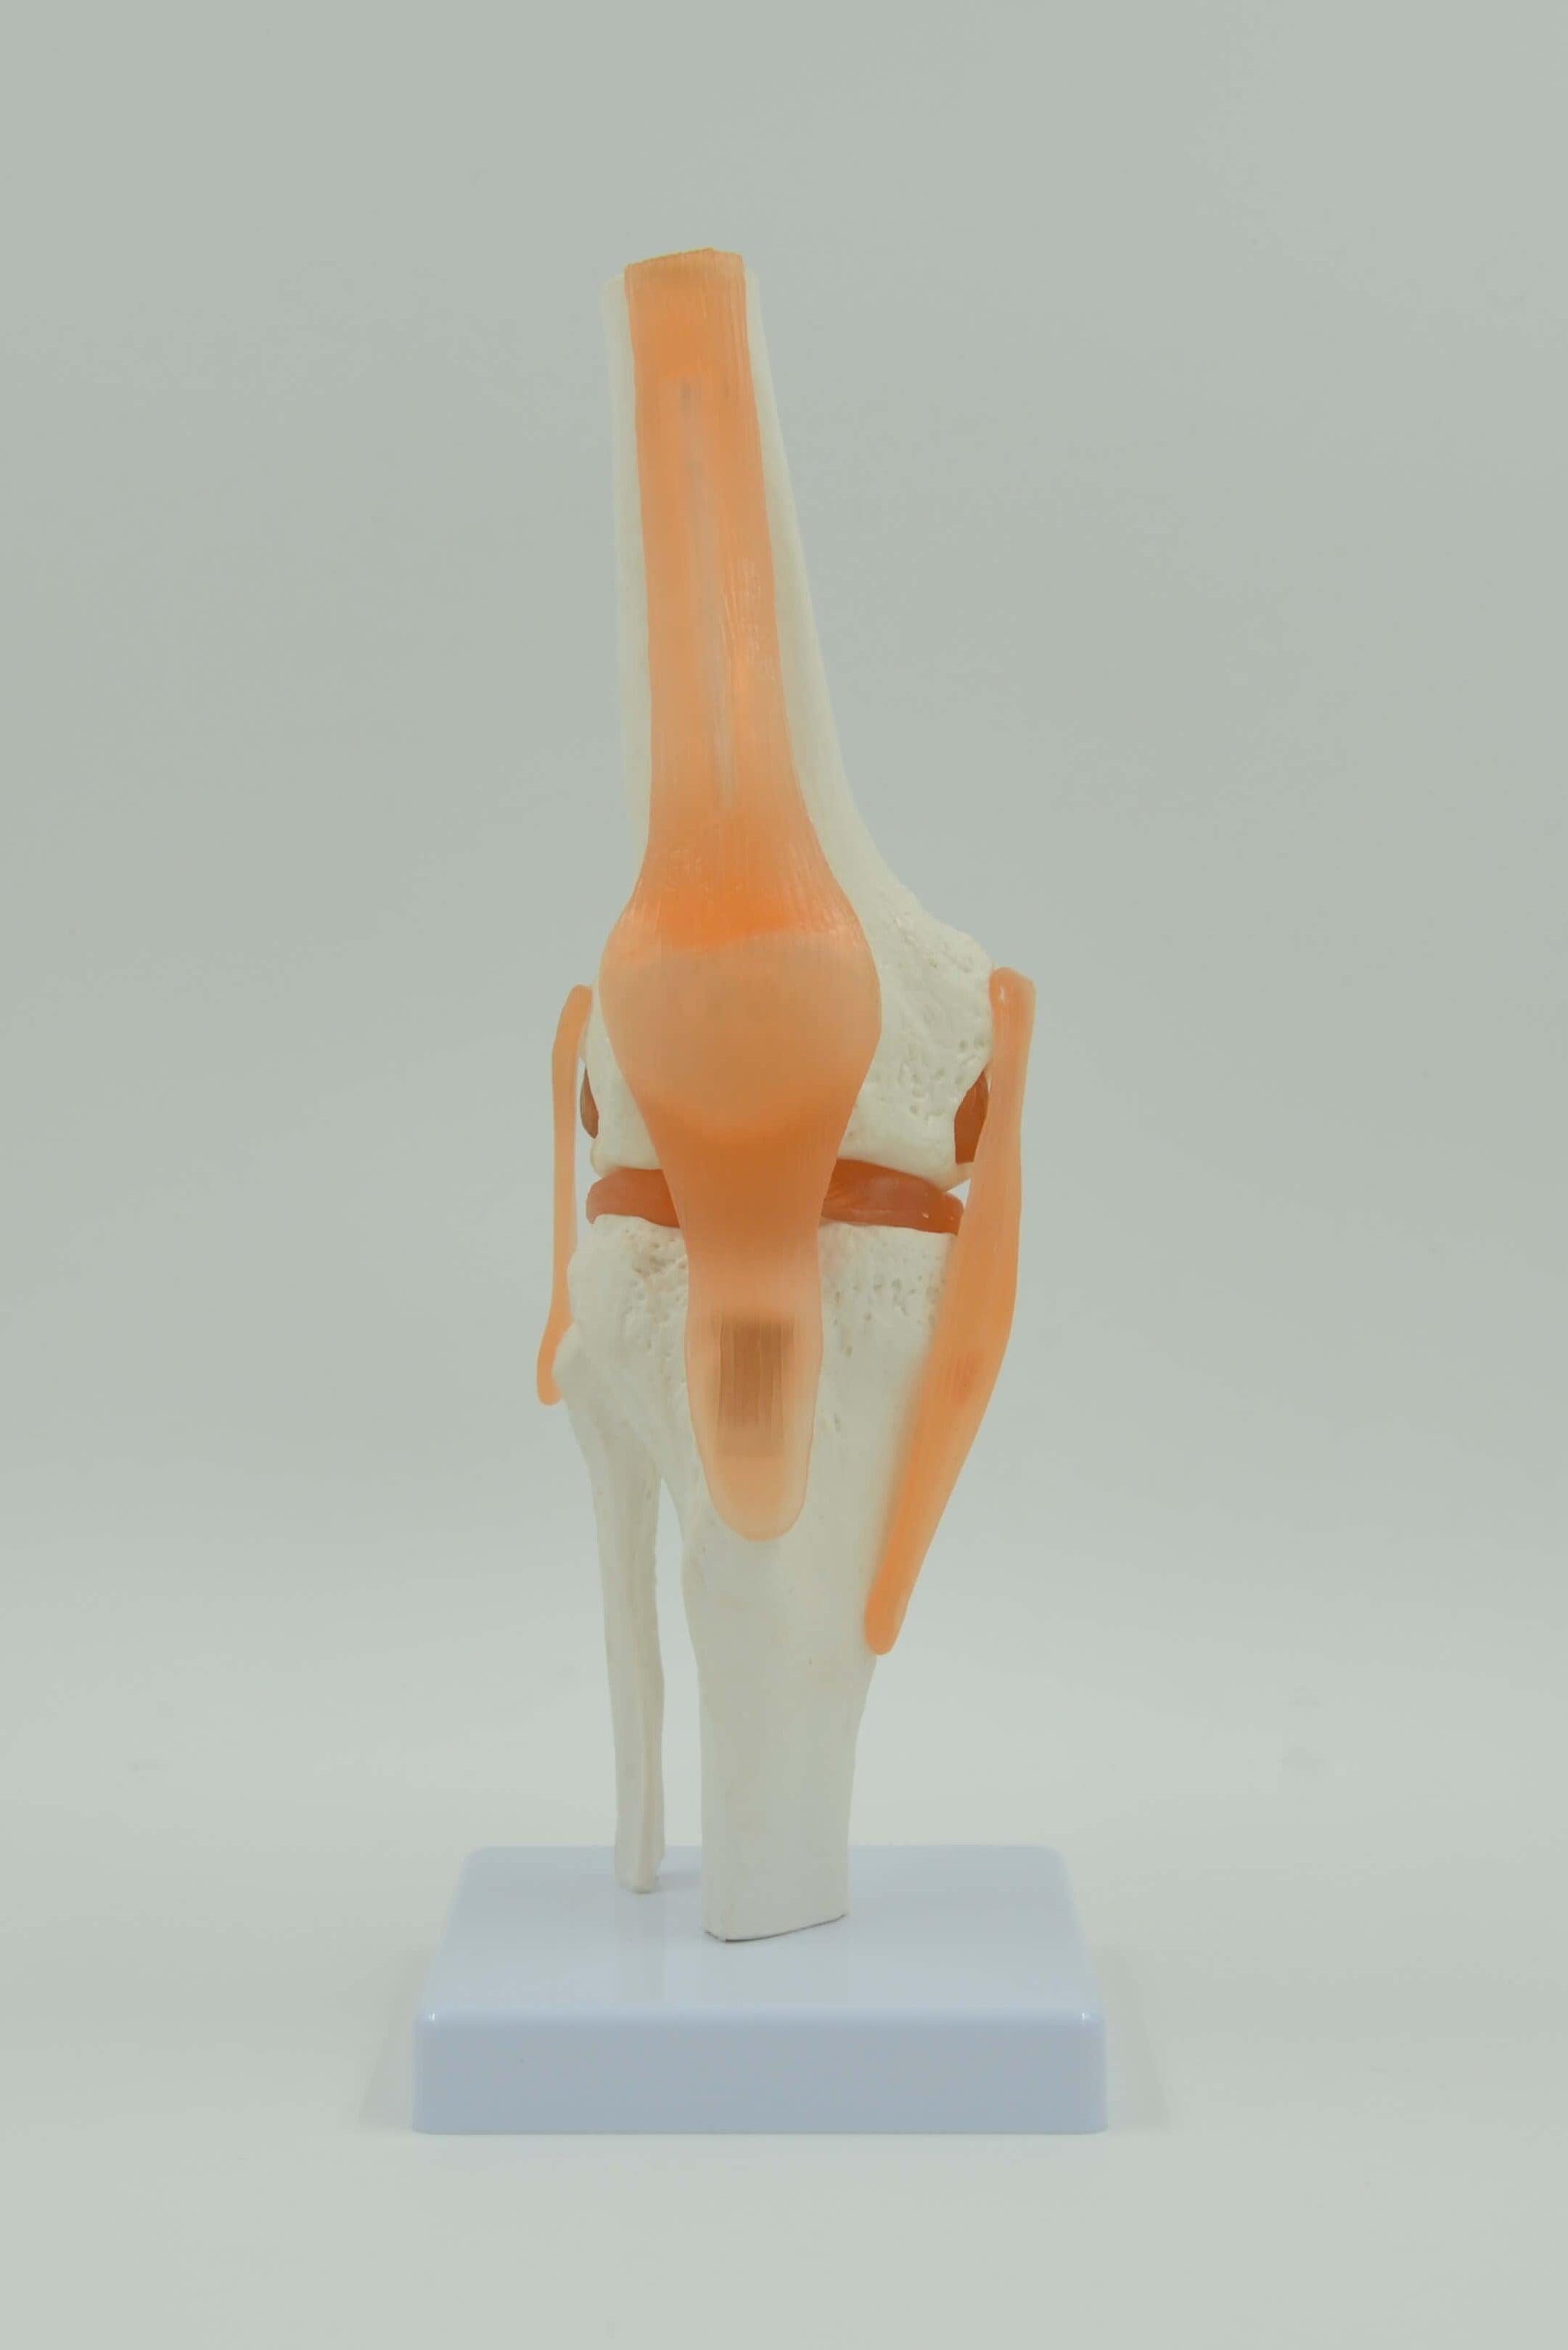 דגם אנטומי של מפרק ברך